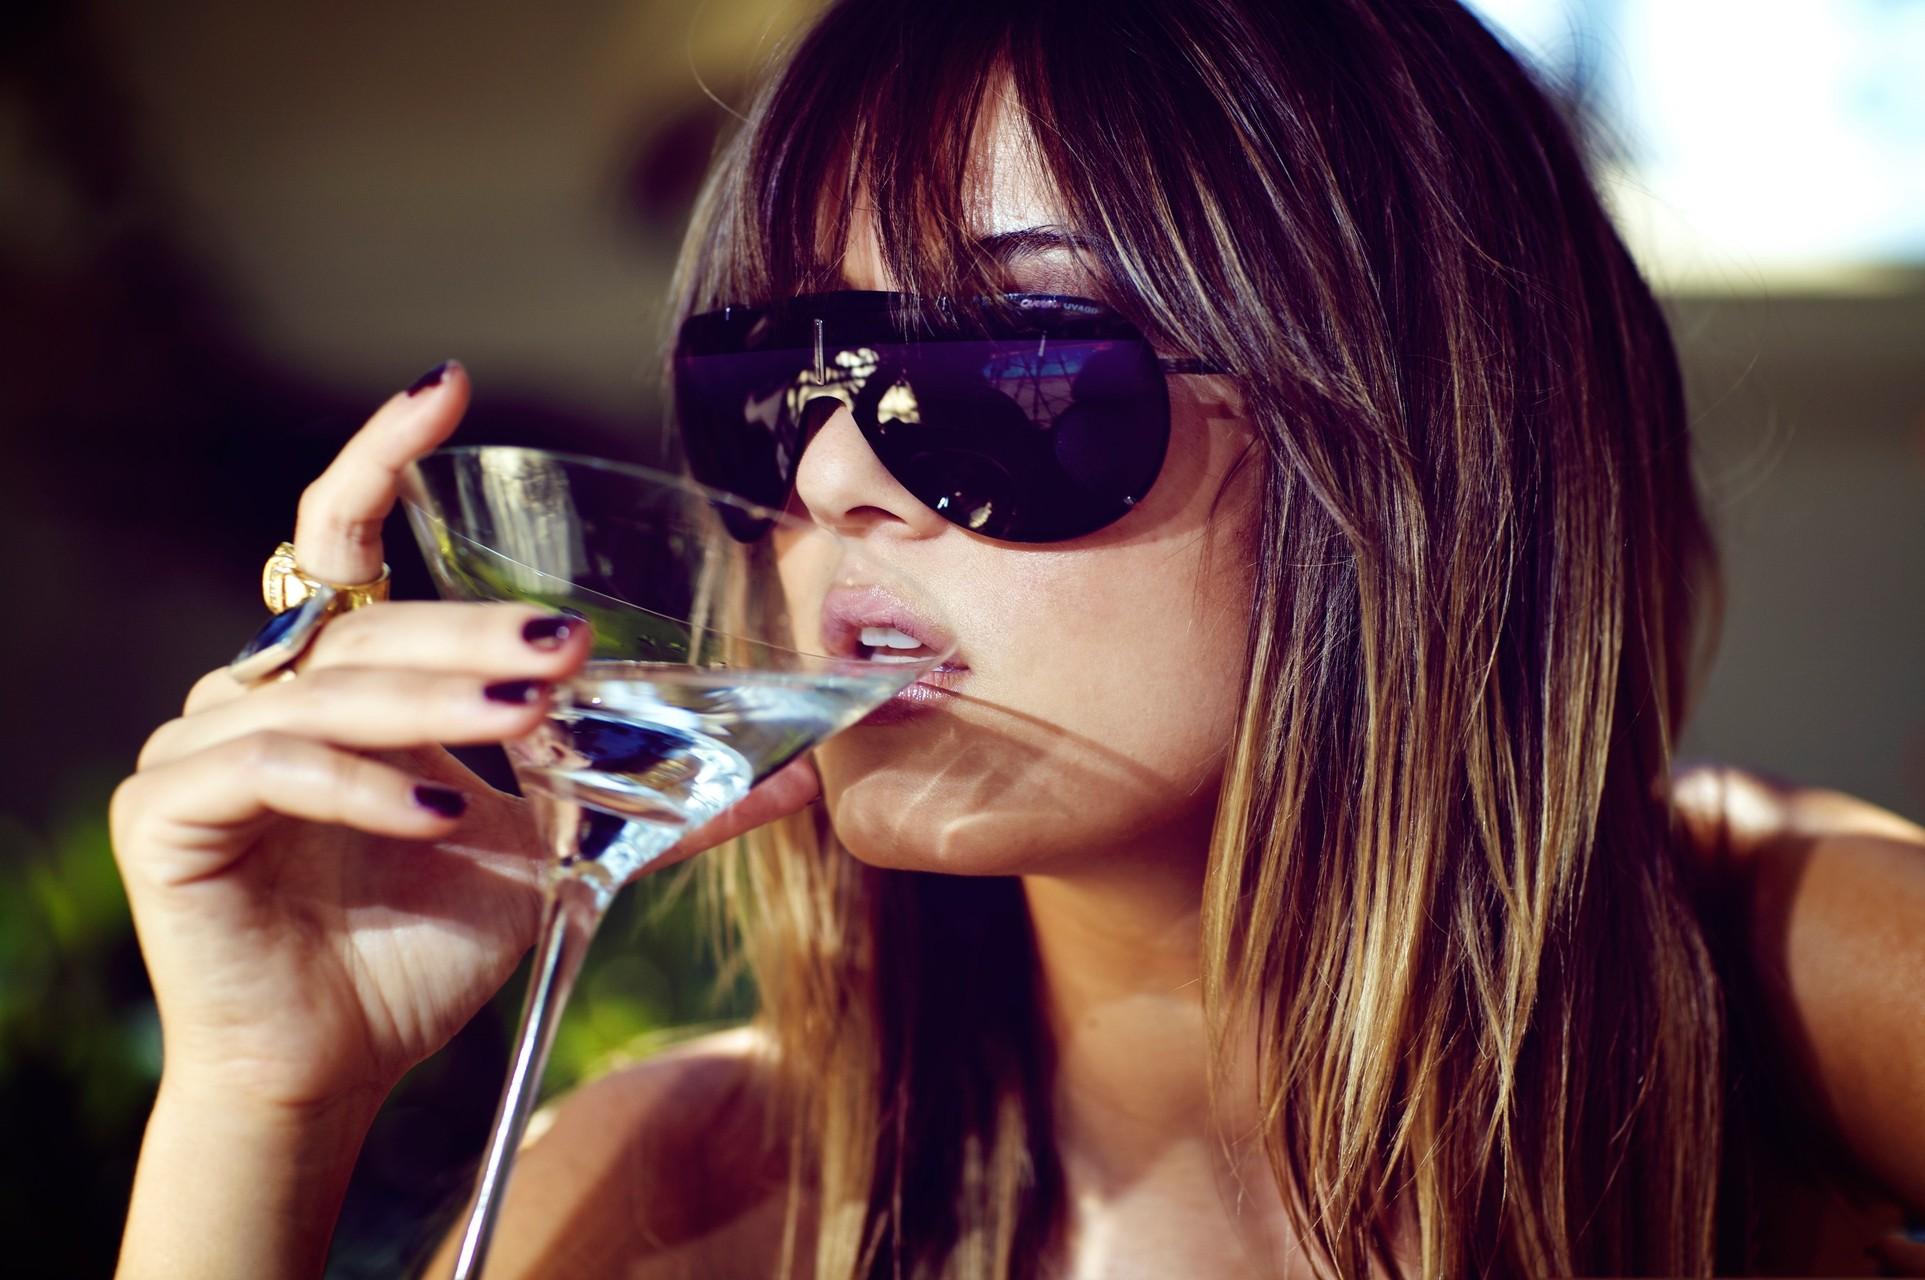 День, картинки девушка с бокалом вина на аву